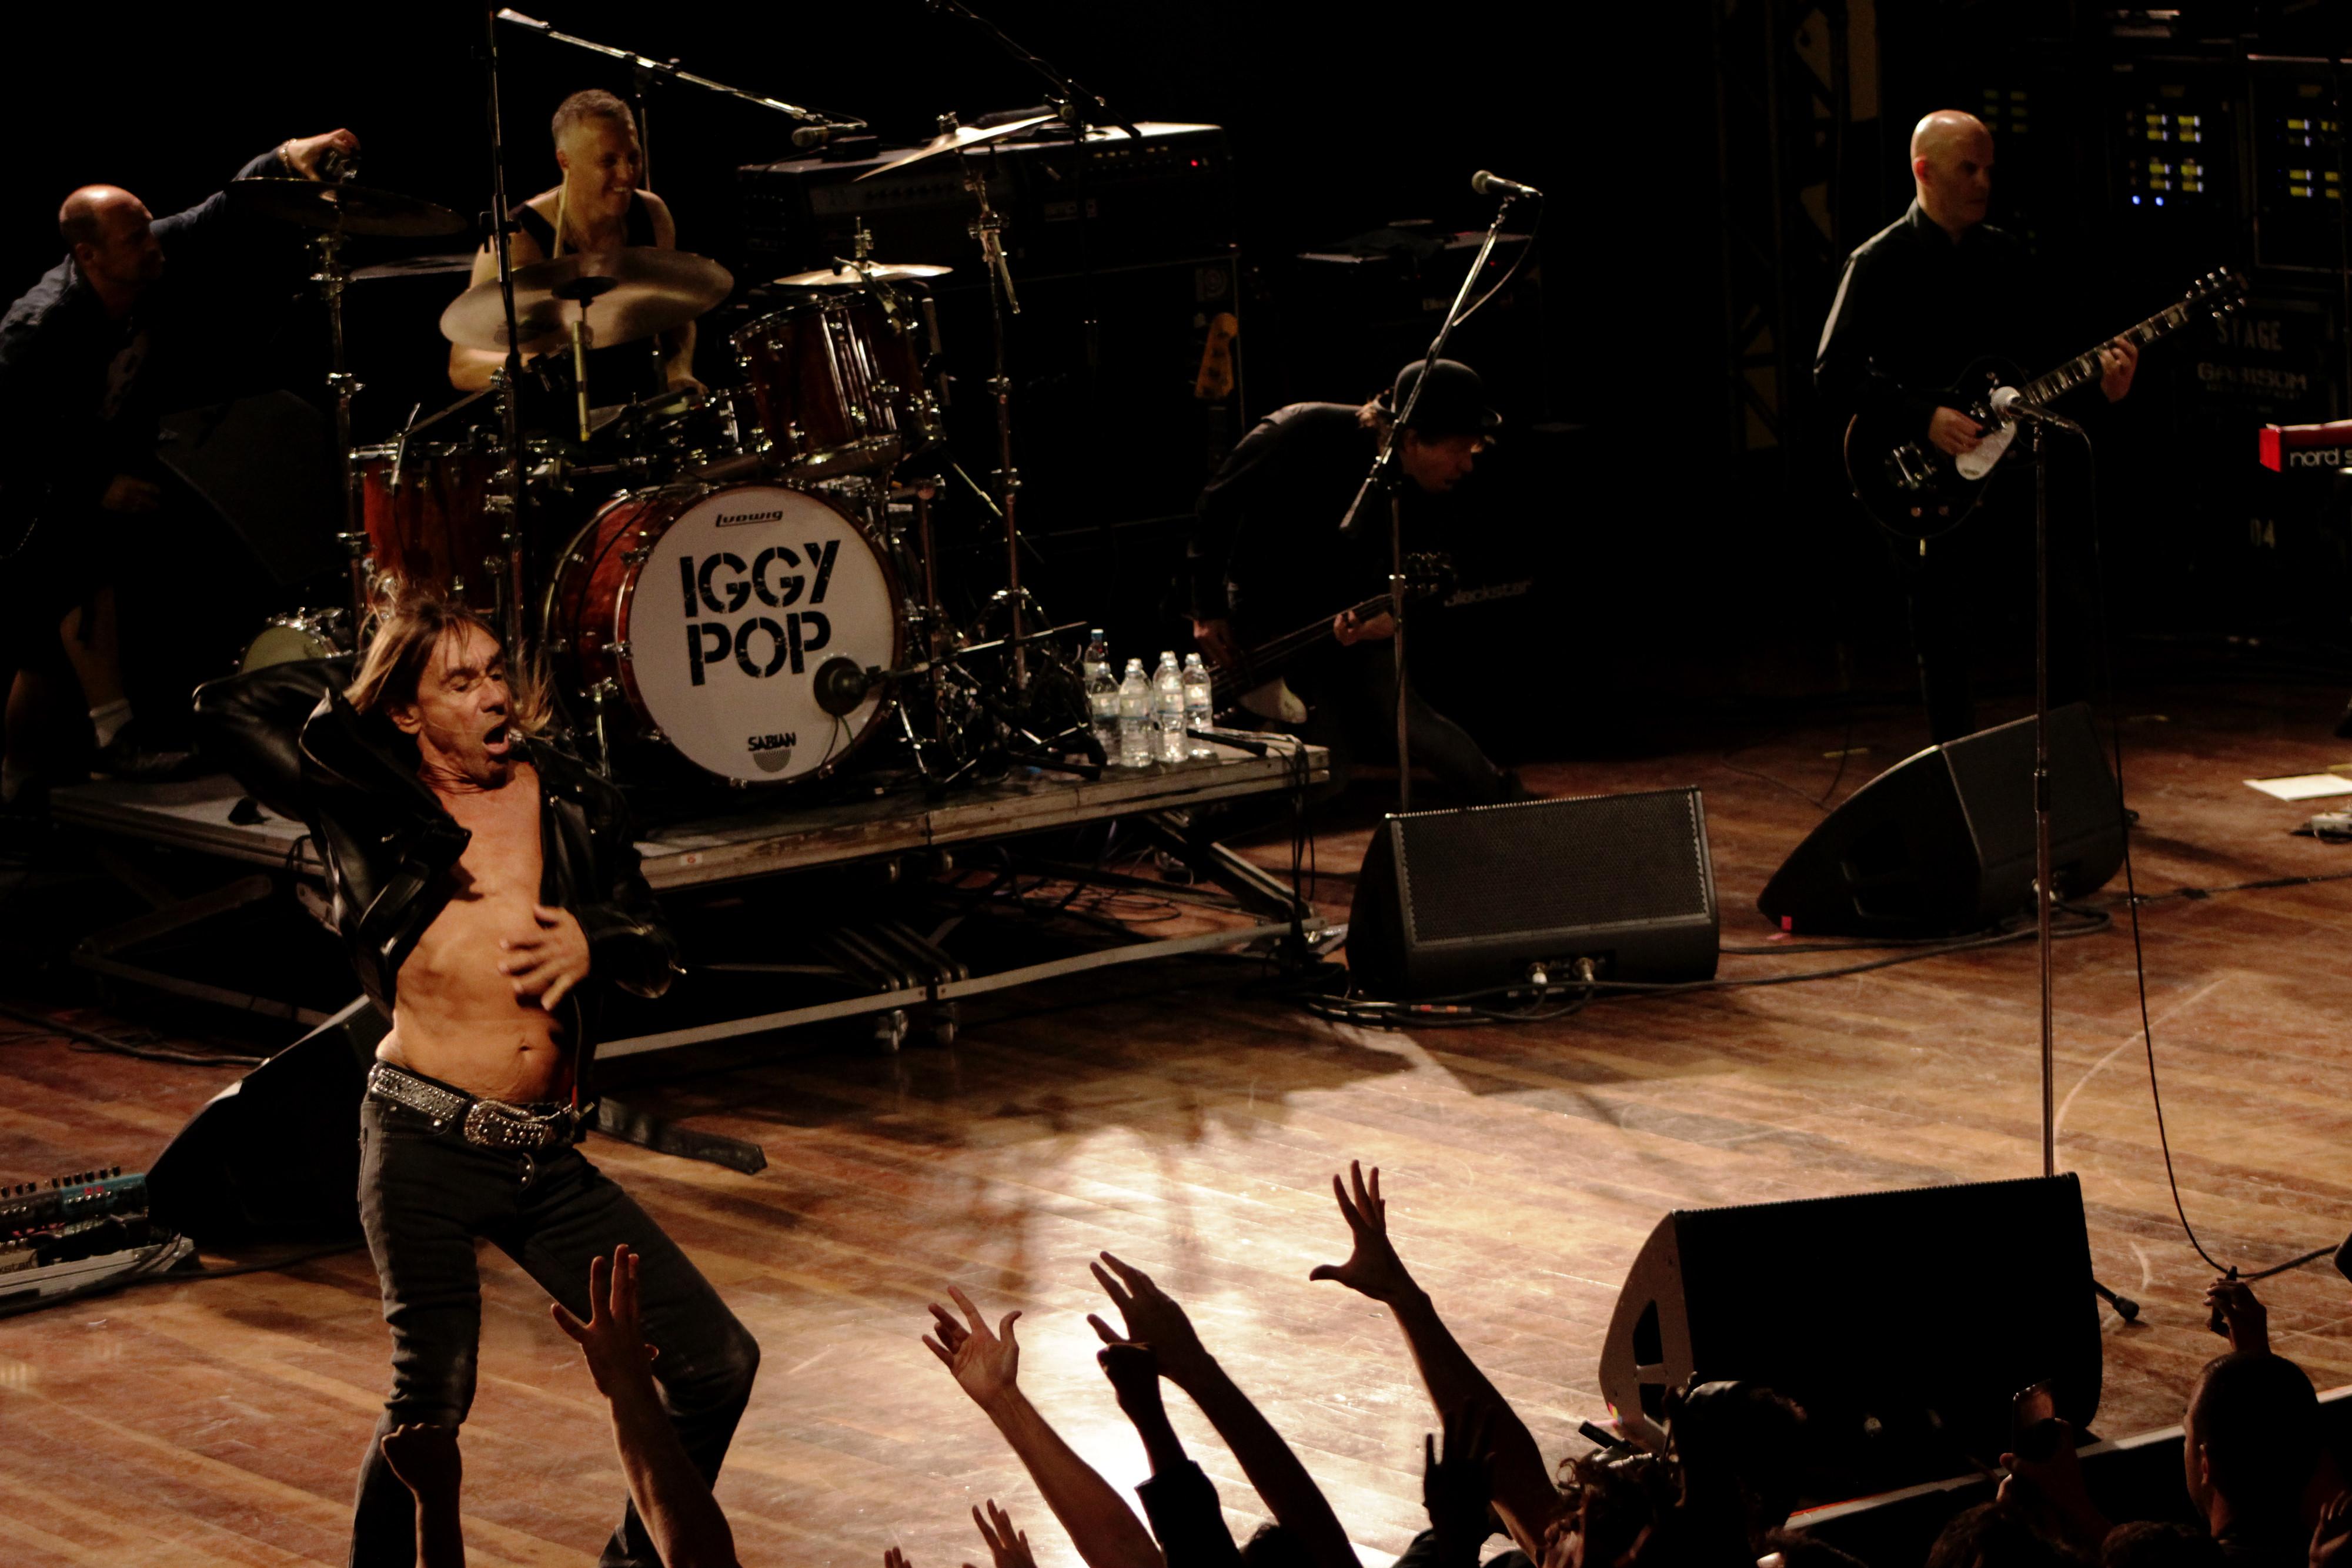 Iggy Pop mostra vigor em show enérgico cheio de clássicos dos Stooges